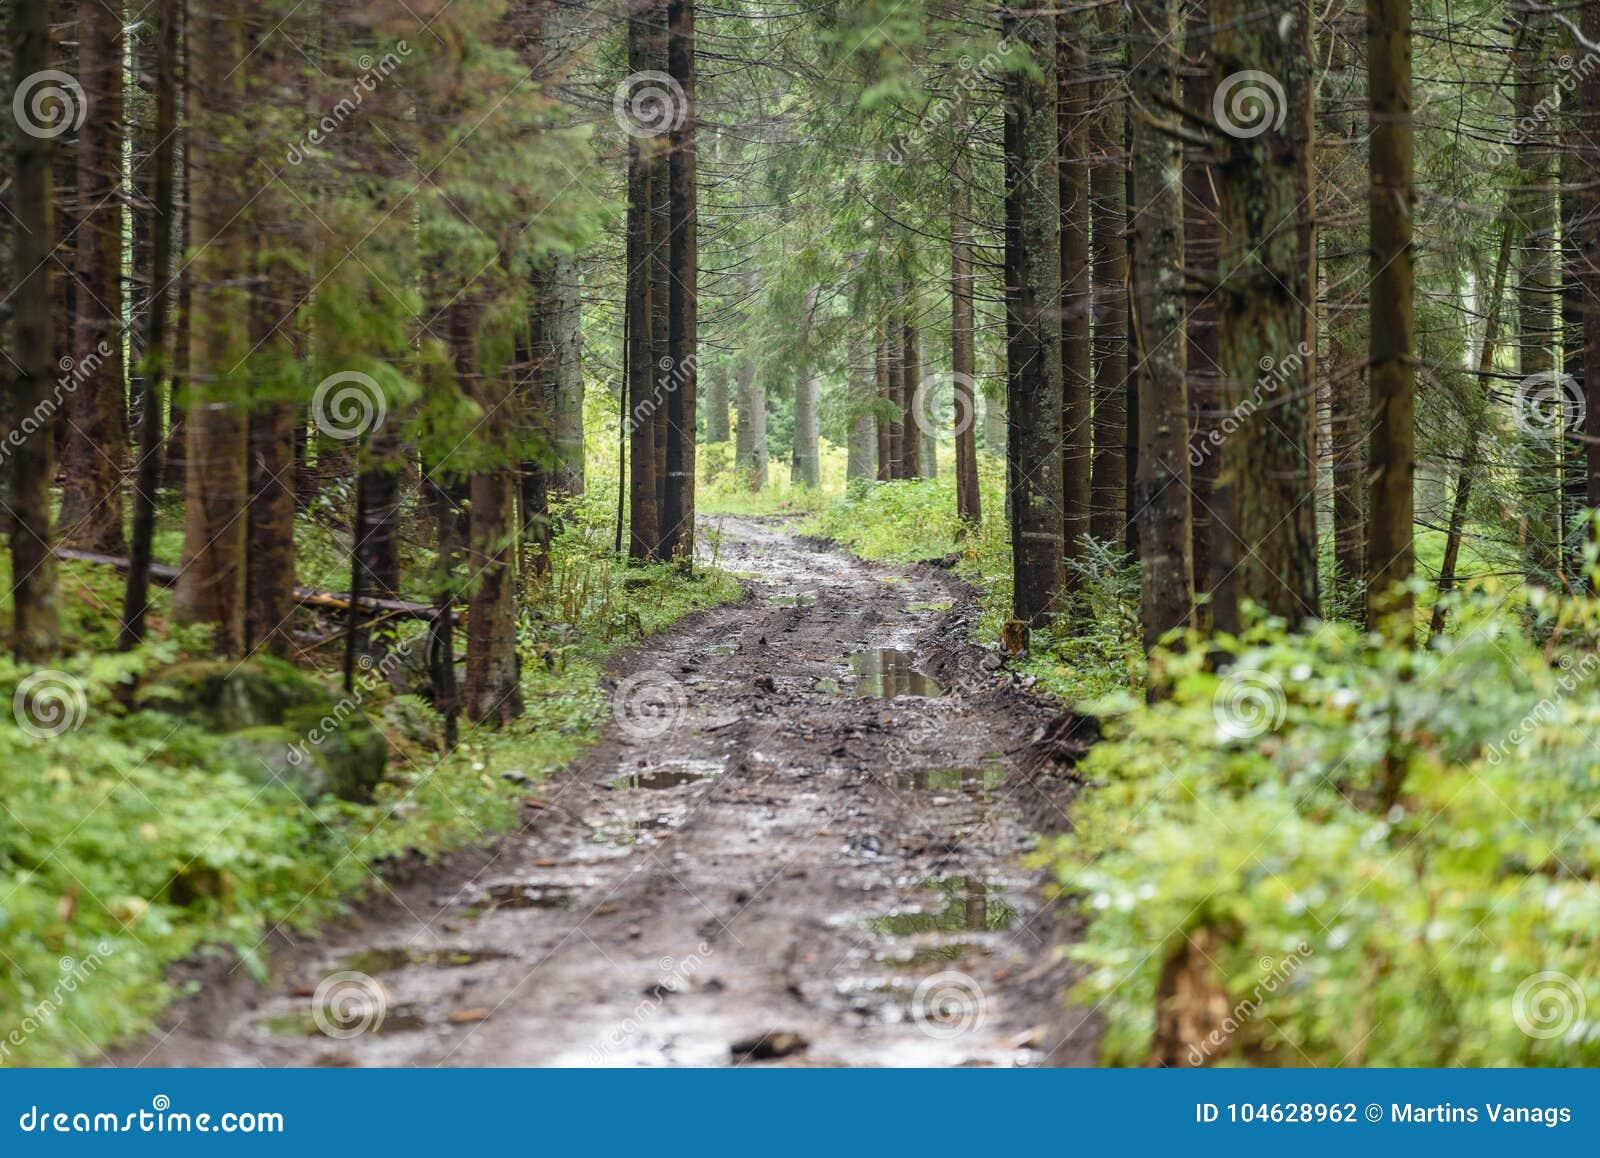 Download Lege Grintweg In Het Platteland In De Zomer Stock Foto - Afbeelding bestaande uit boomstammen, sporen: 104628962